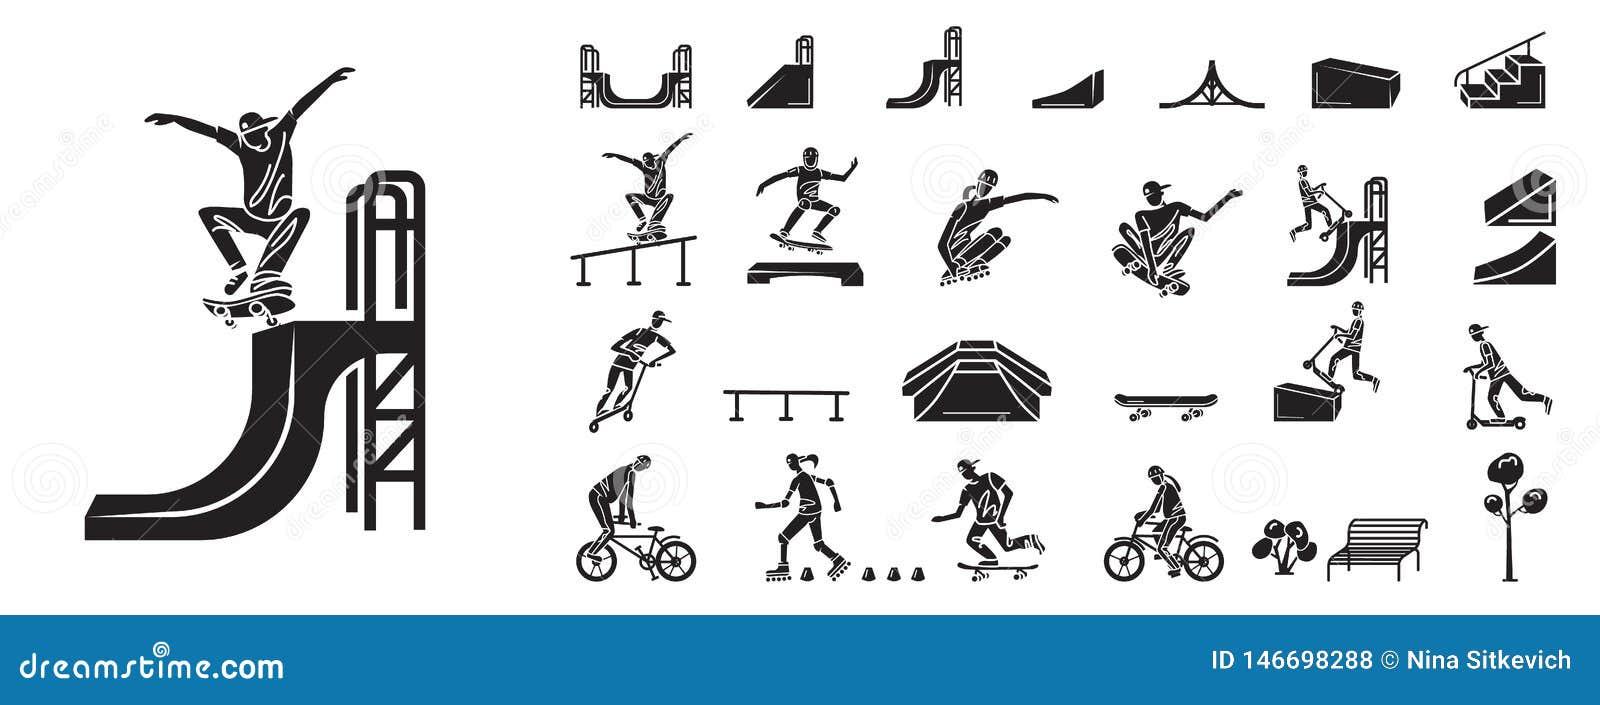 Grupo dos ícones do parque do patim, estilo simples